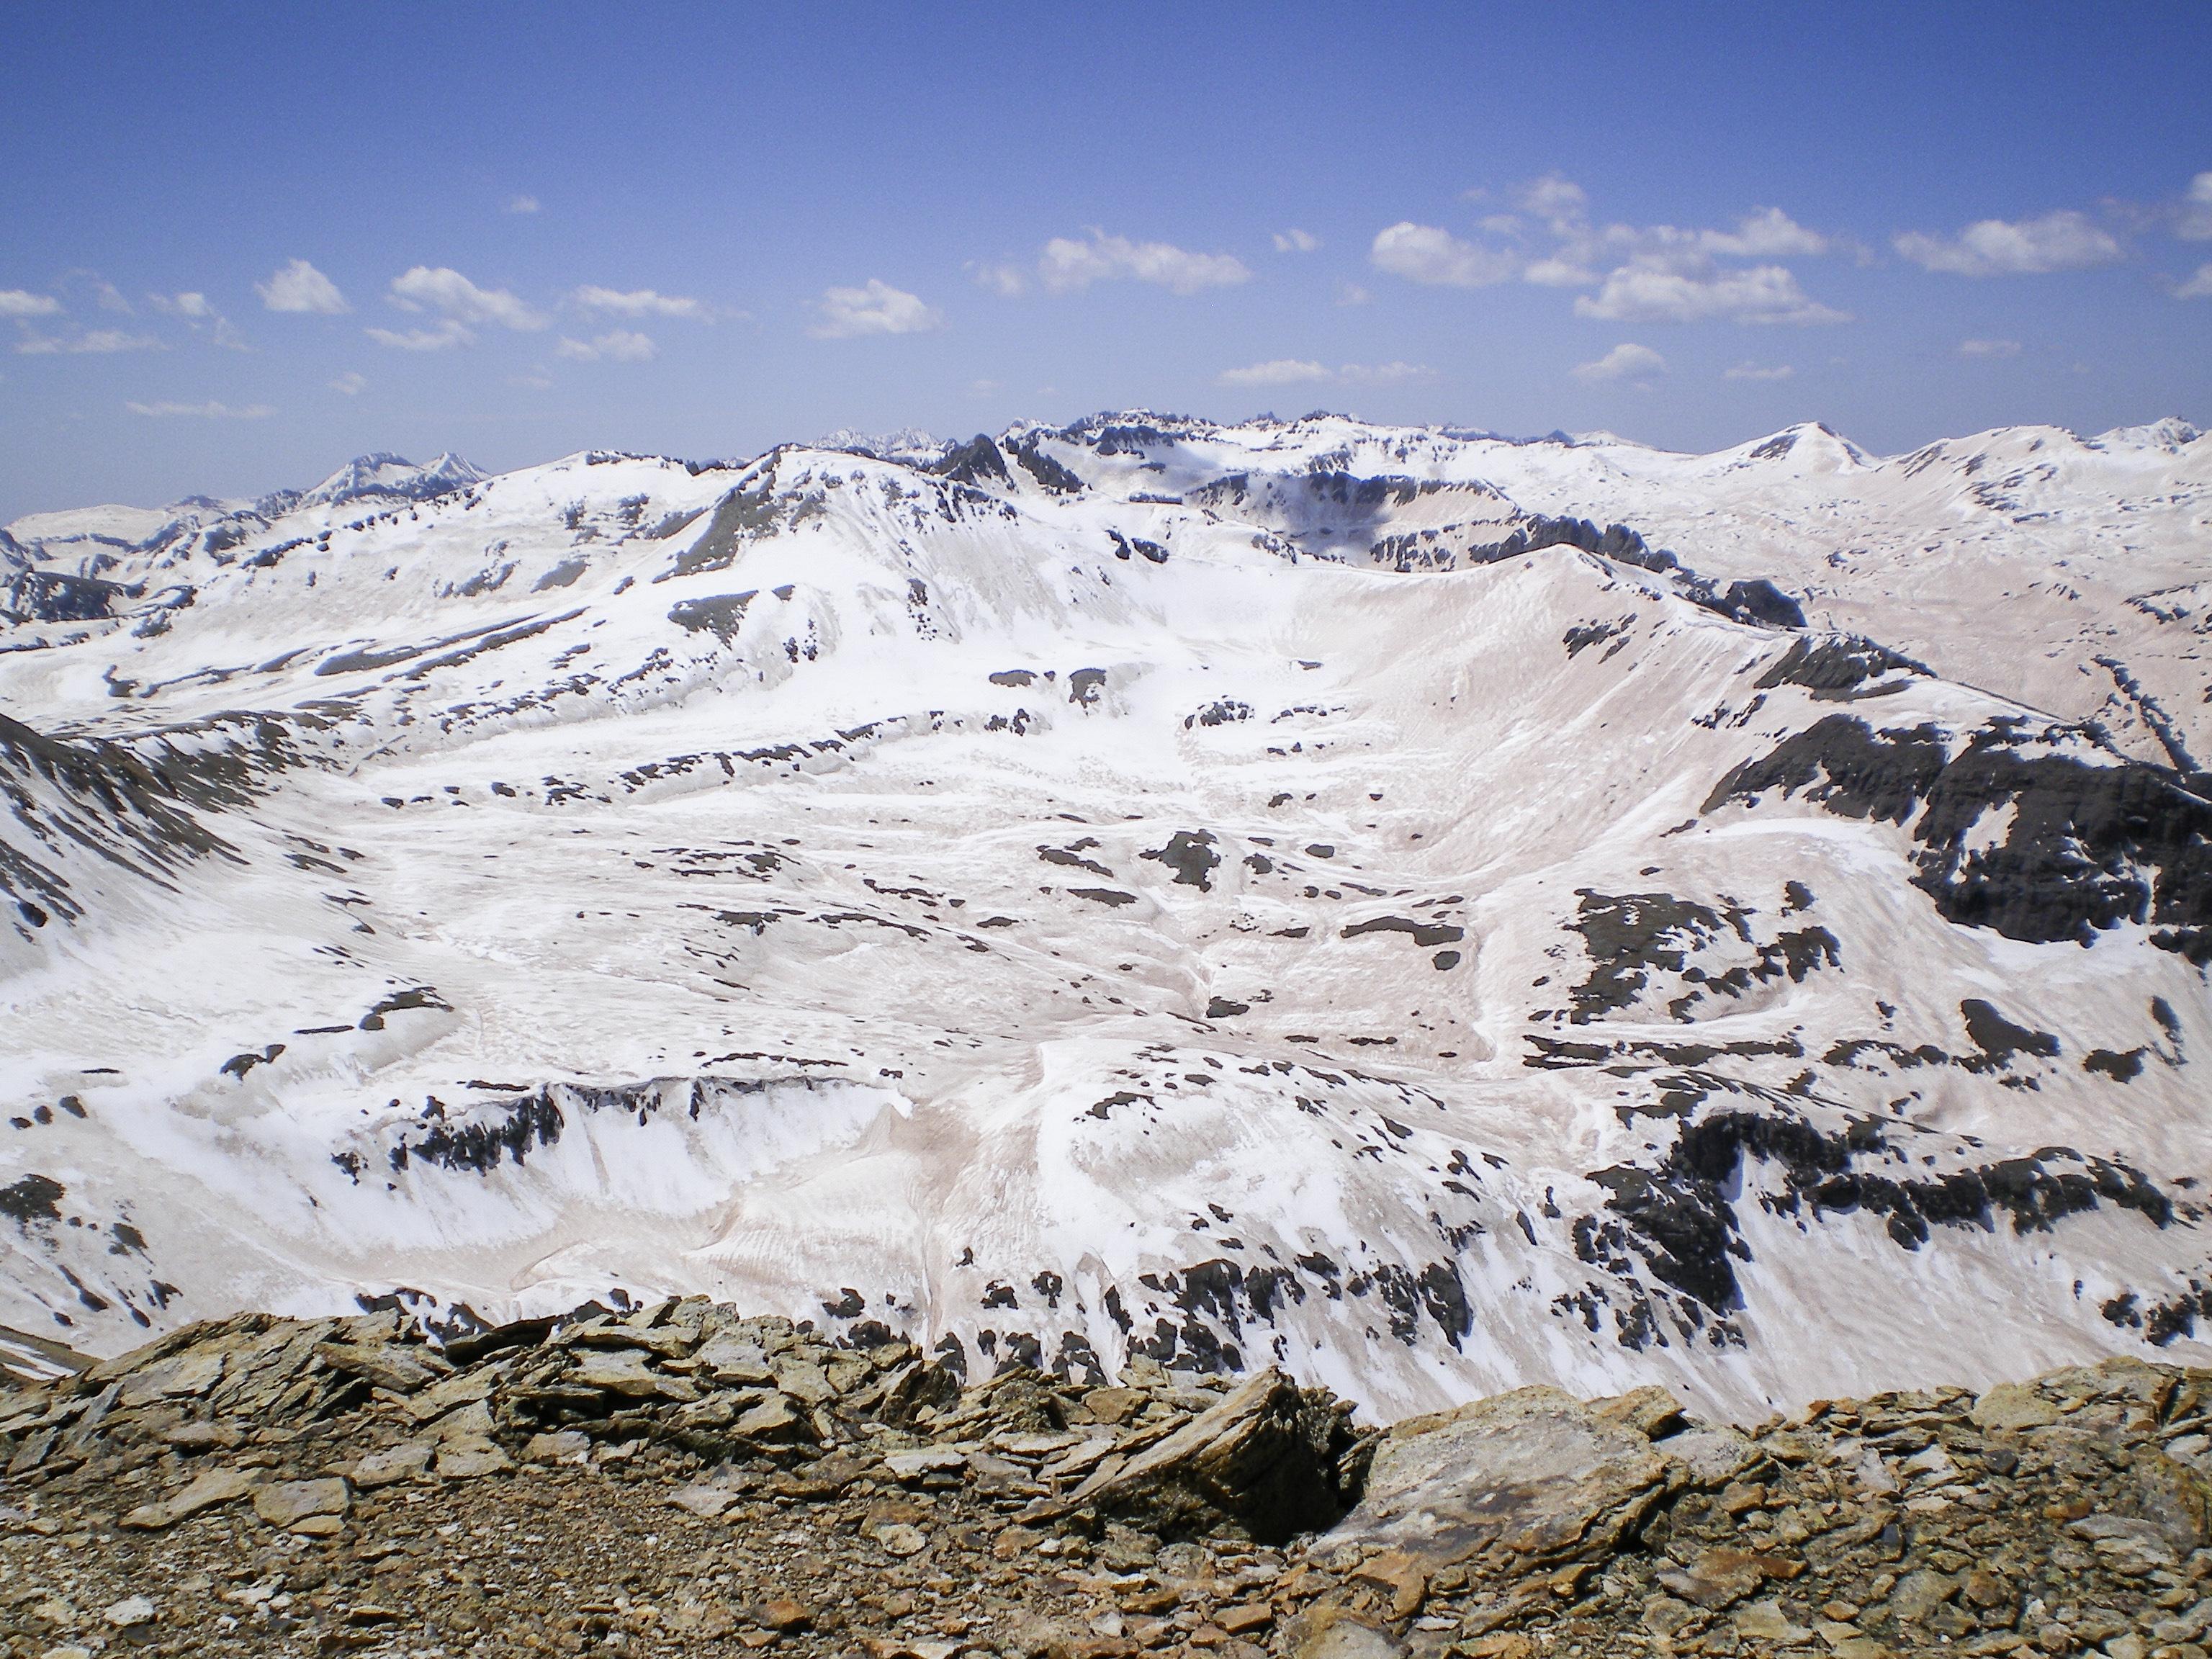 Photo: Dust on Rocky Mountain snowpack